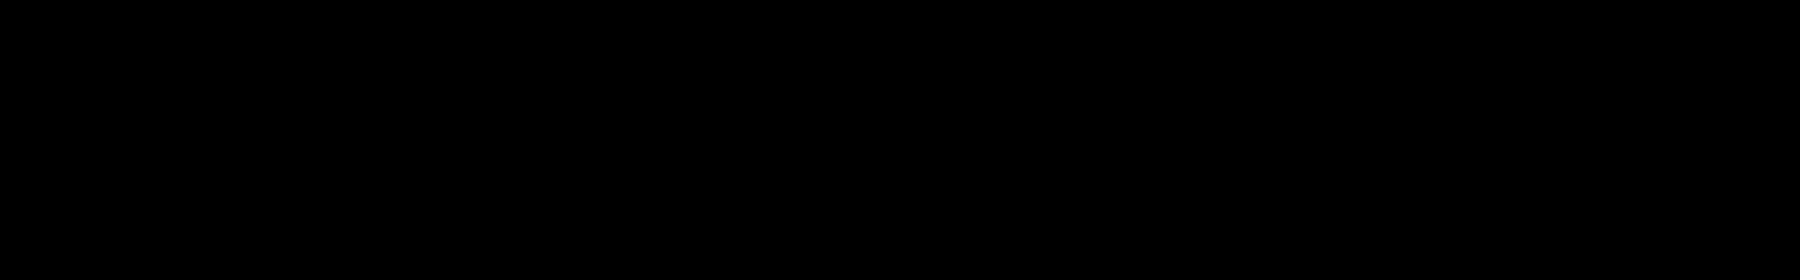 Complextro Superpack audio waveform